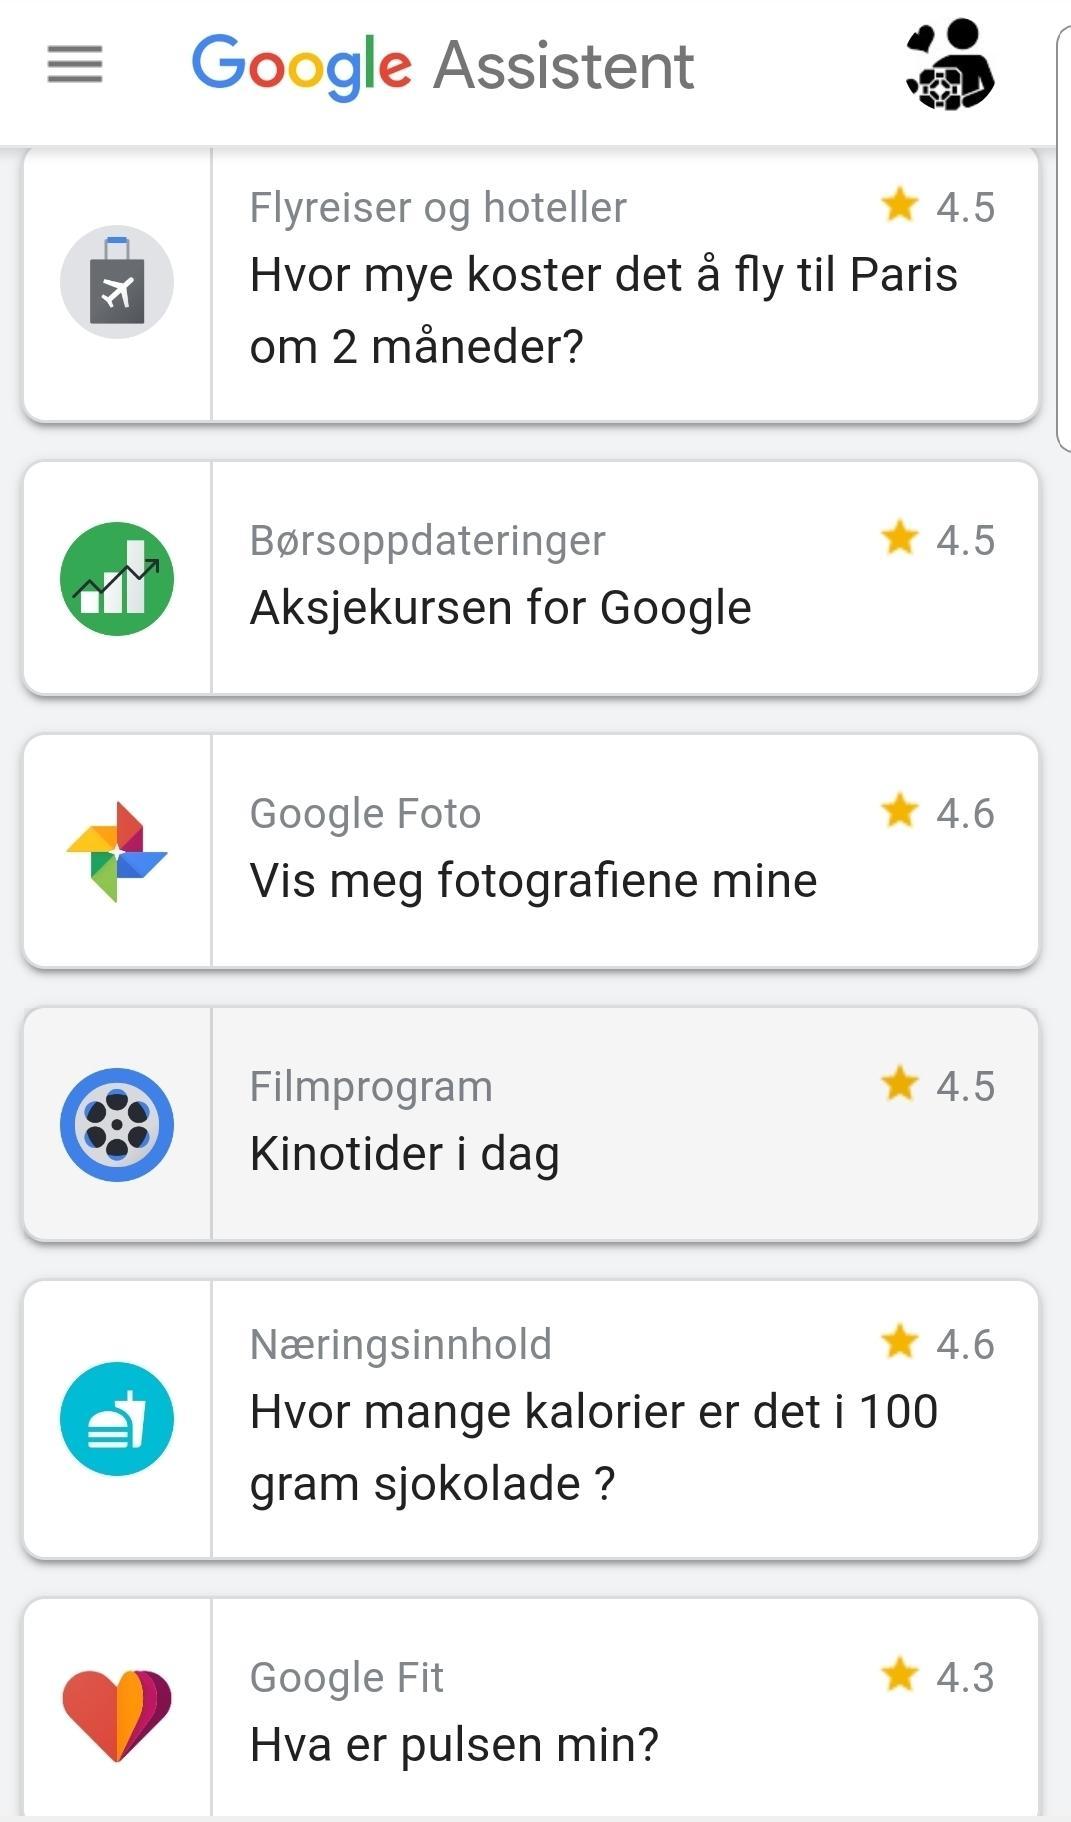 Noe av det du kan gjøre med Google Assistent.